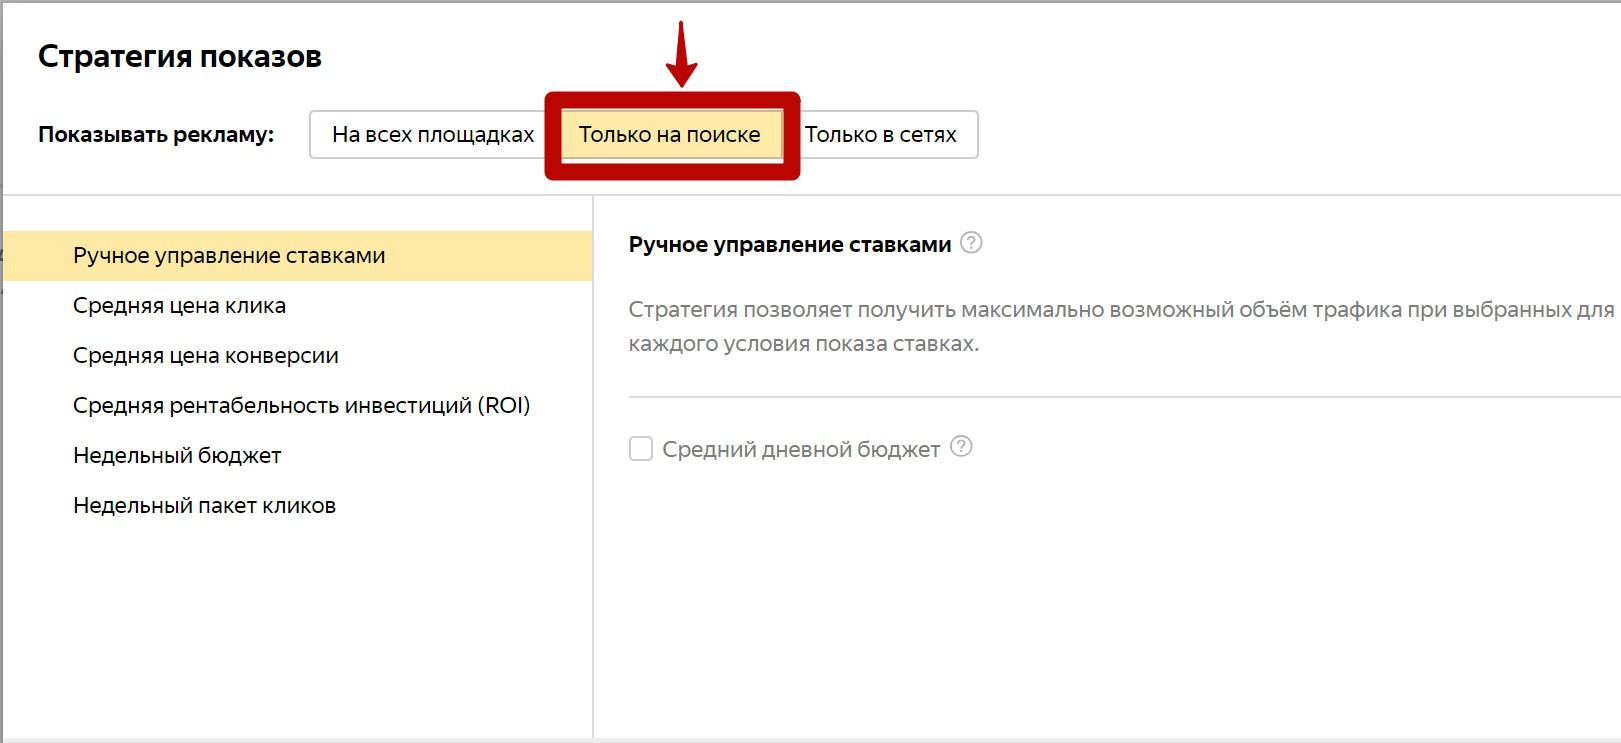 Реклама на поиске Яндекса – показы только на поиске